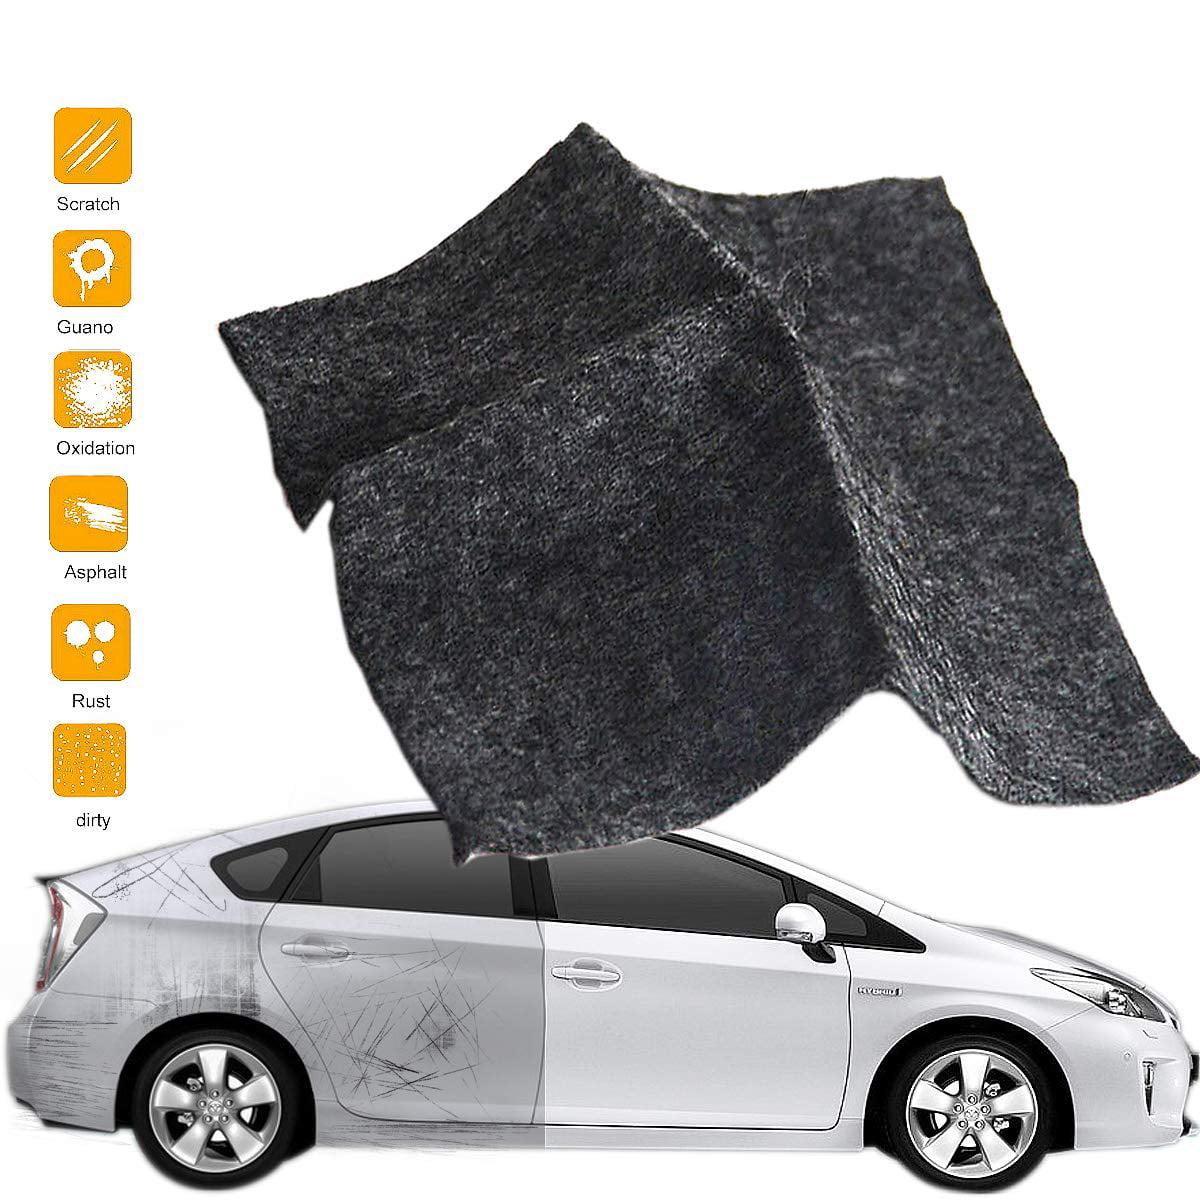 Eagle smart 2 packs Car Scratch Remover Nano-Magic Cloth for Car Care